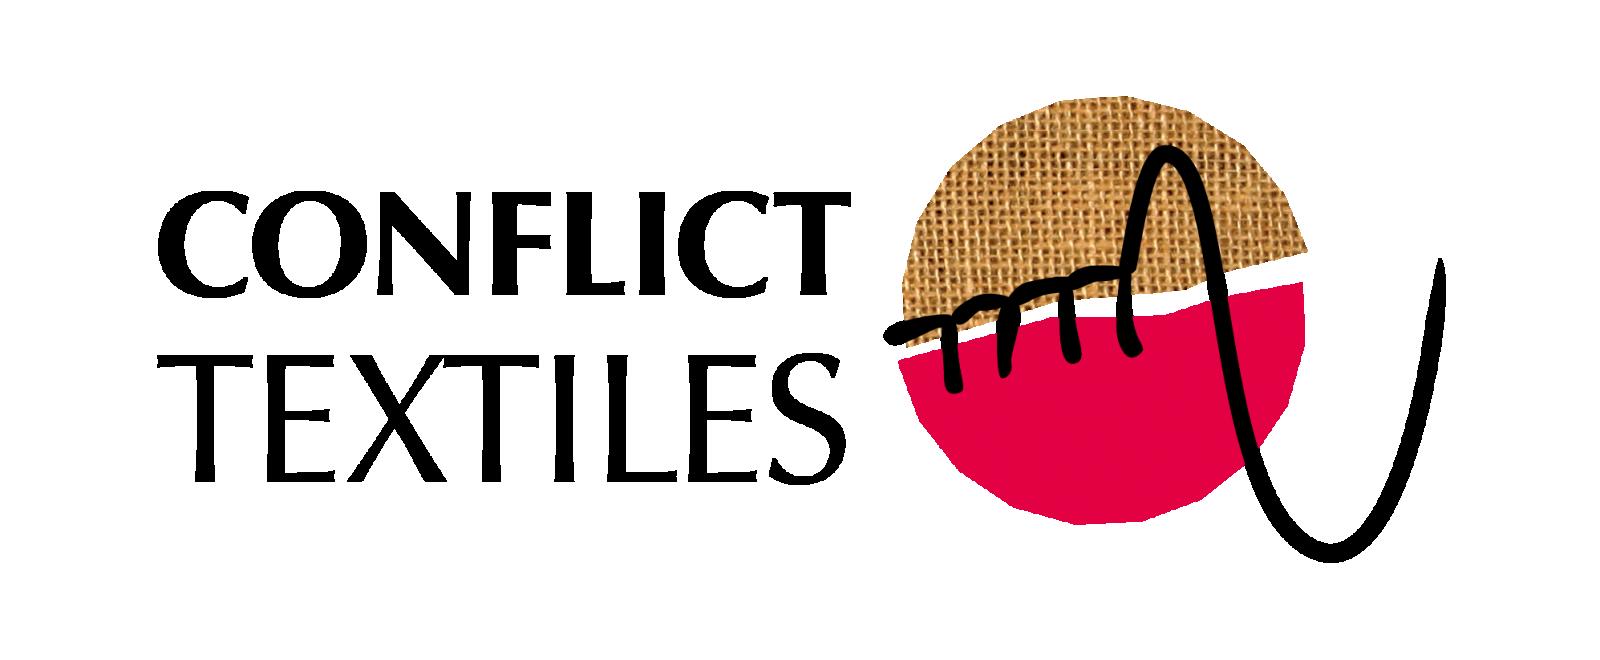 Conflict-textiles-logo.png#asset:9898